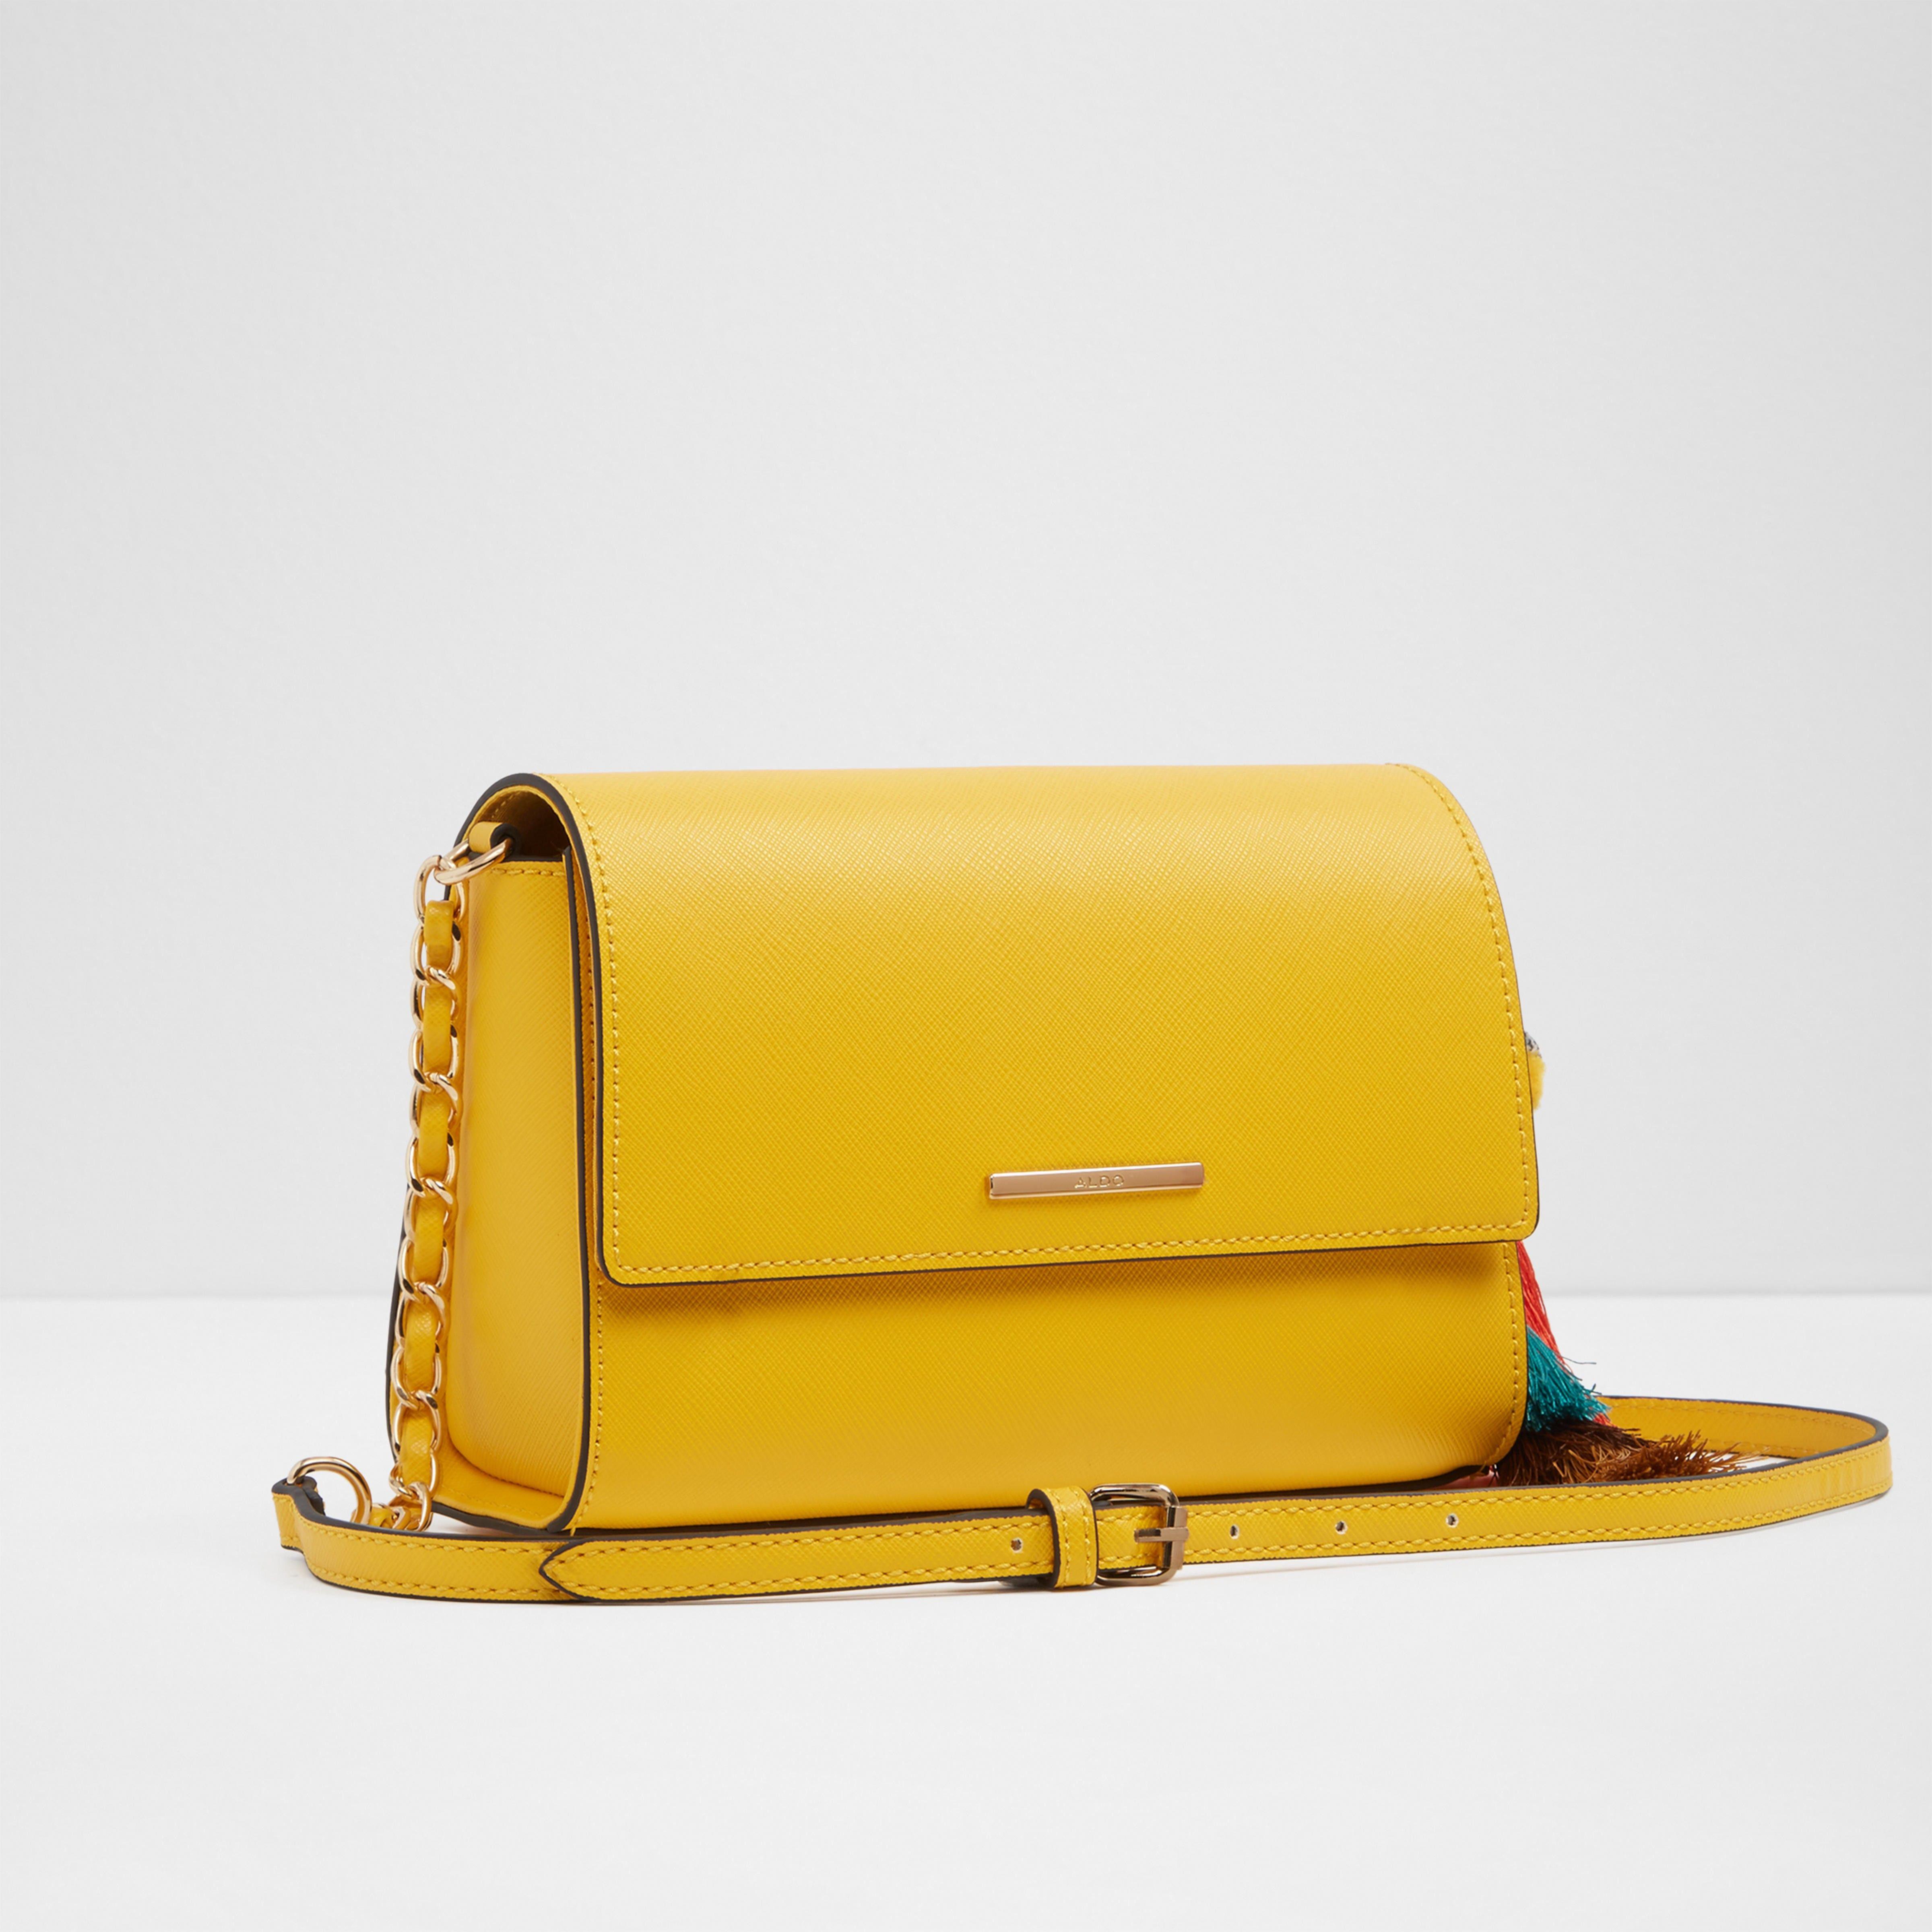 14091c5c89 Aldo Chatfield - Mustard Gold Aldo Handbags